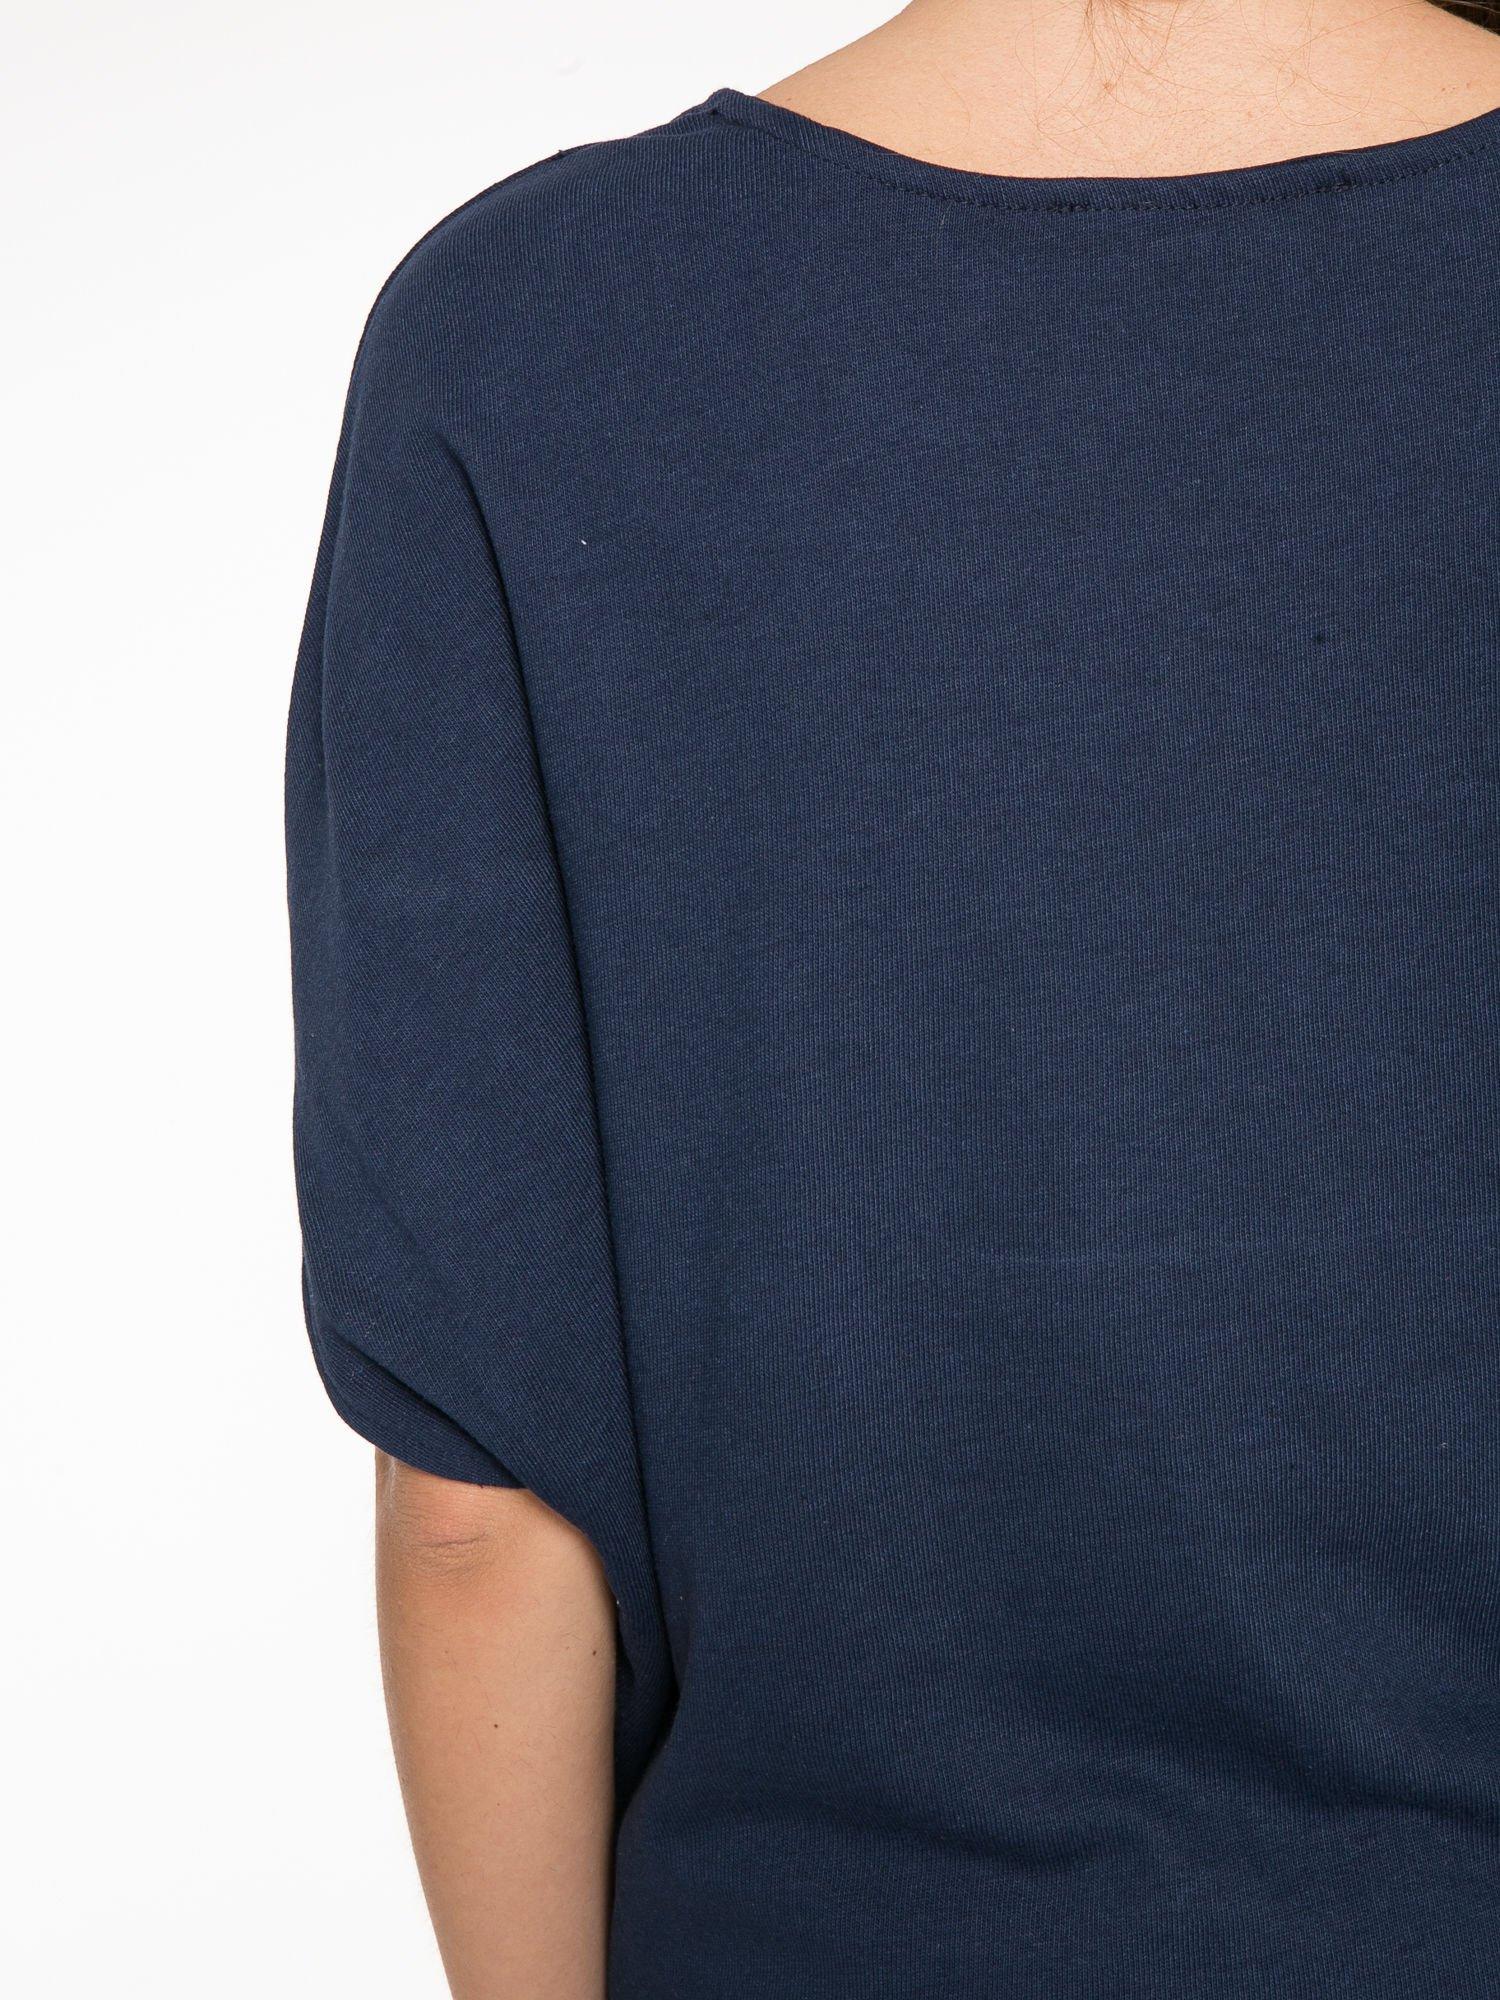 Granatowa bluza z nadrukiem tarczy zodiakalnej i szerokimi rękawami                                  zdj.                                  12